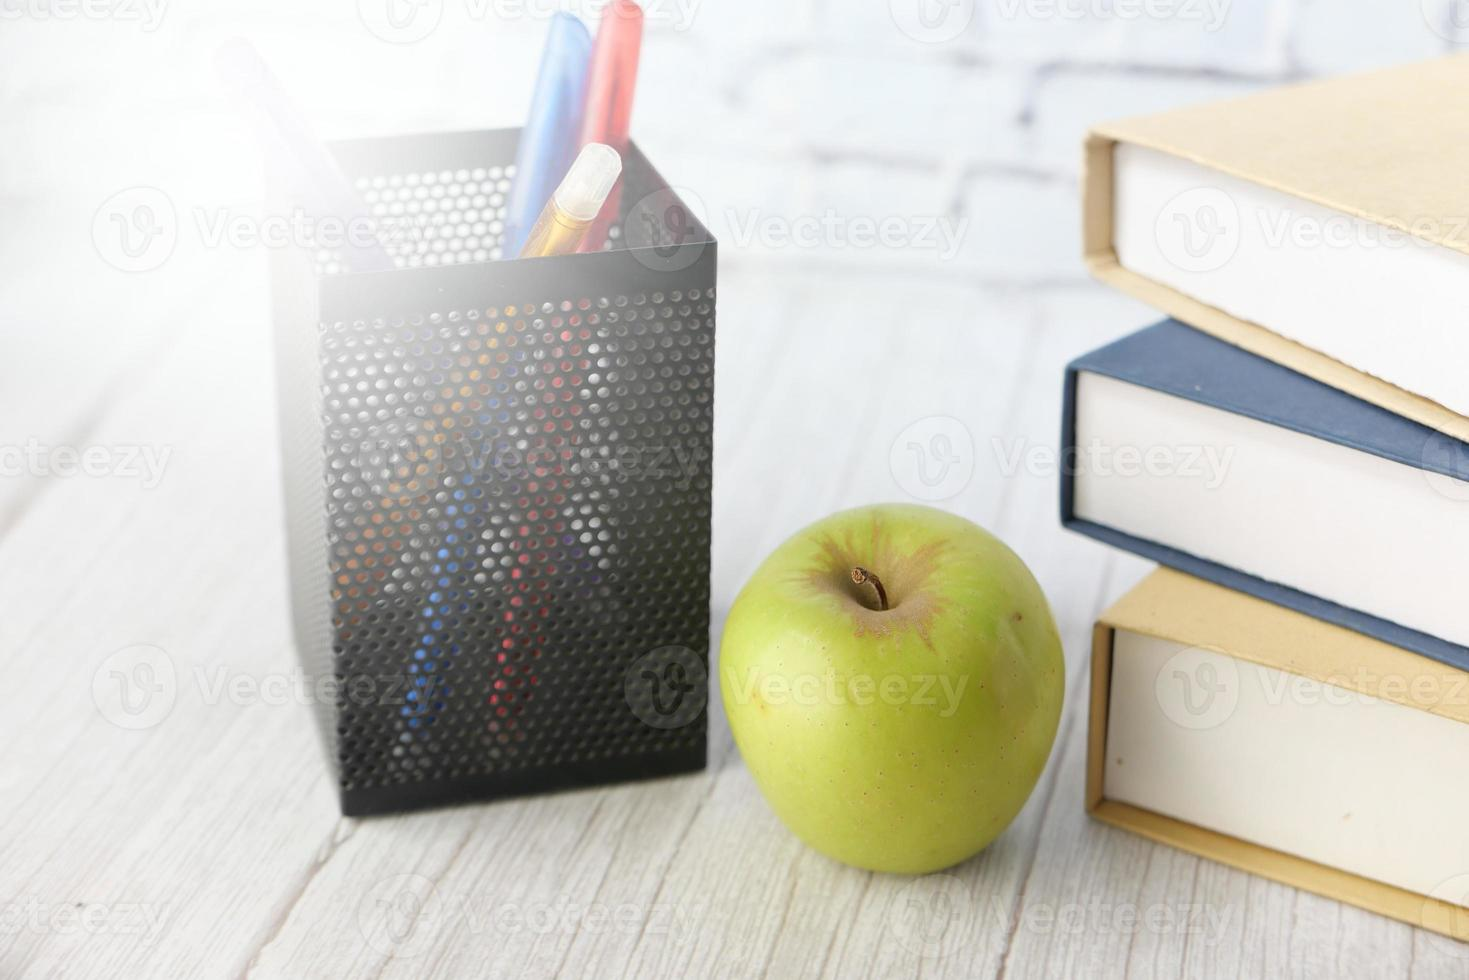 concept d & # 39; école avec apple sur le bloc-notes sur la table photo